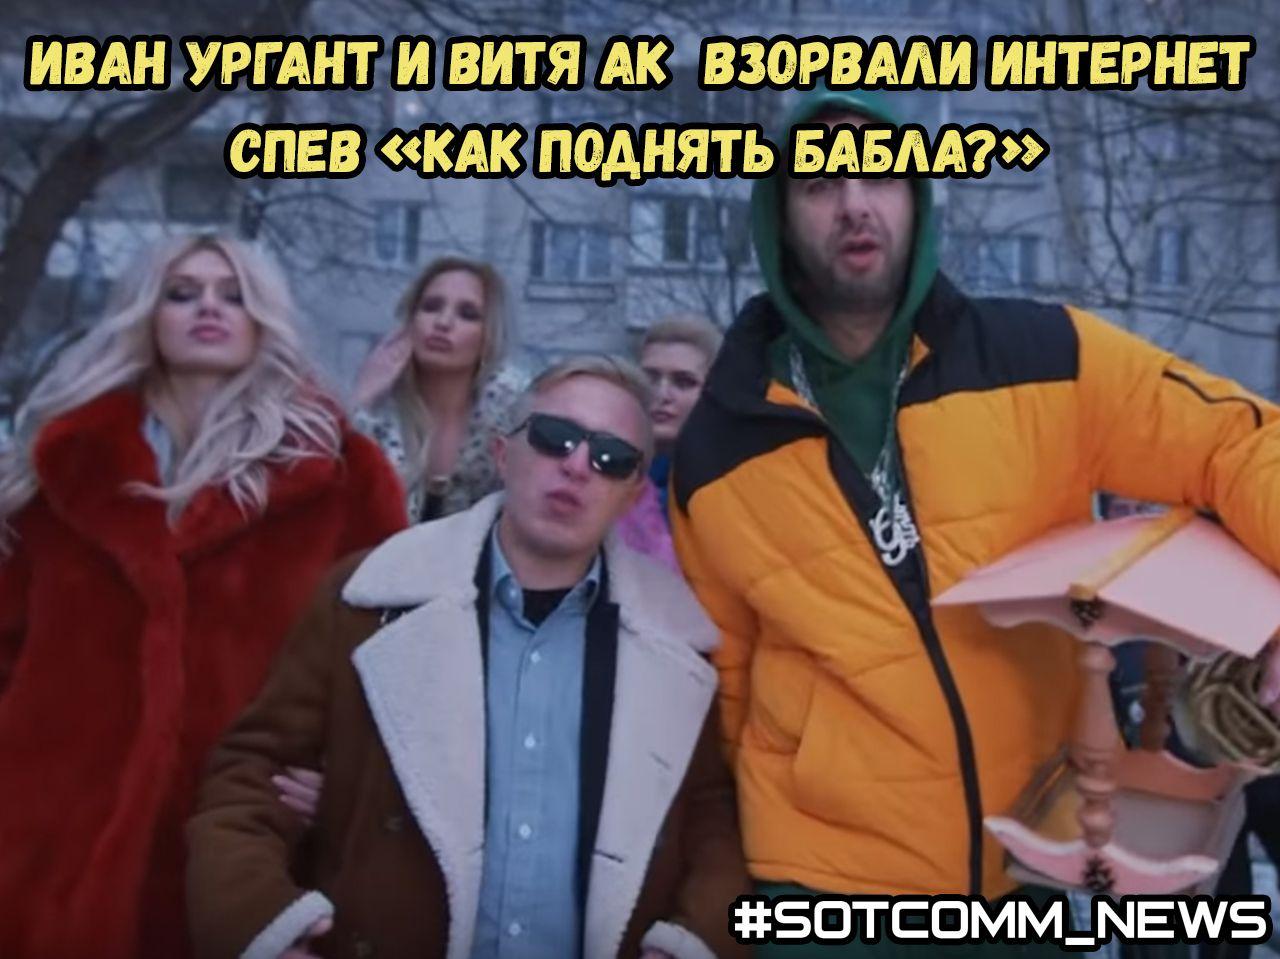 Иван Ургант и Витя АК  взорвали интернет спев «Как поднять бабла?»